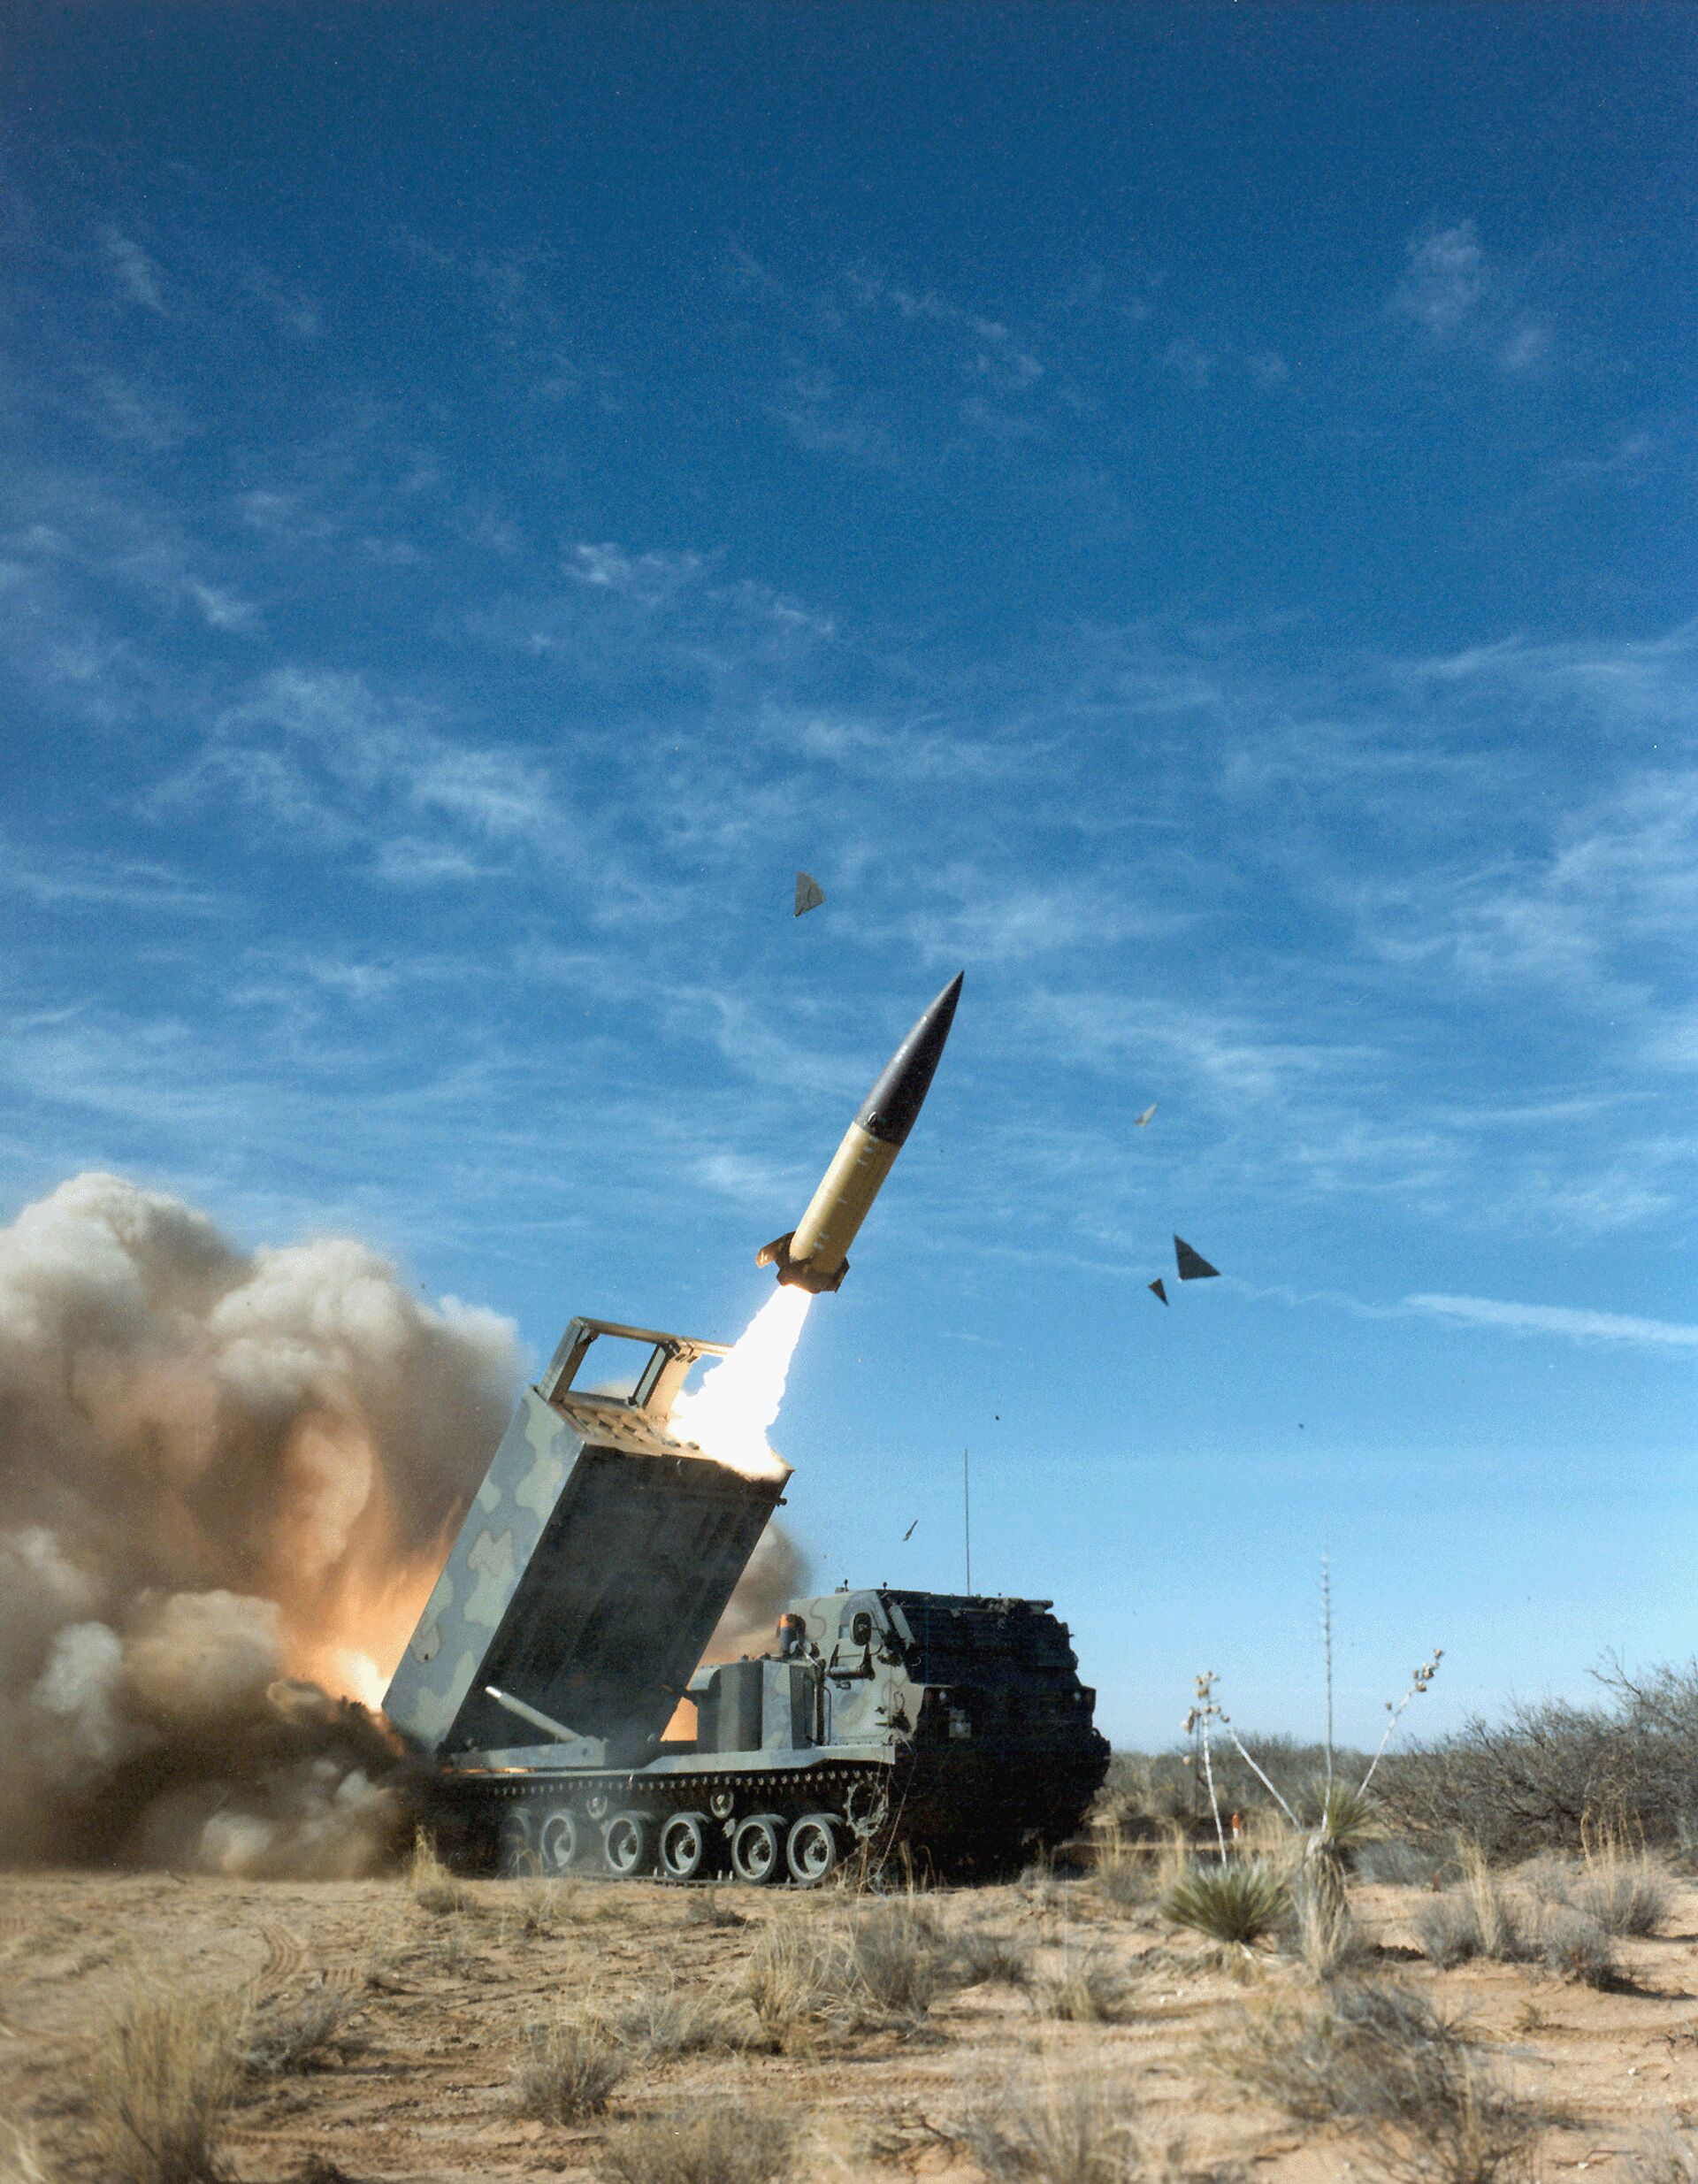 Американский оперативно-тактический ракетный комплекс MGM-140 ATACMS с баллистической ракетой малой дальности - РИА Новости, 1920, 24.05.2021